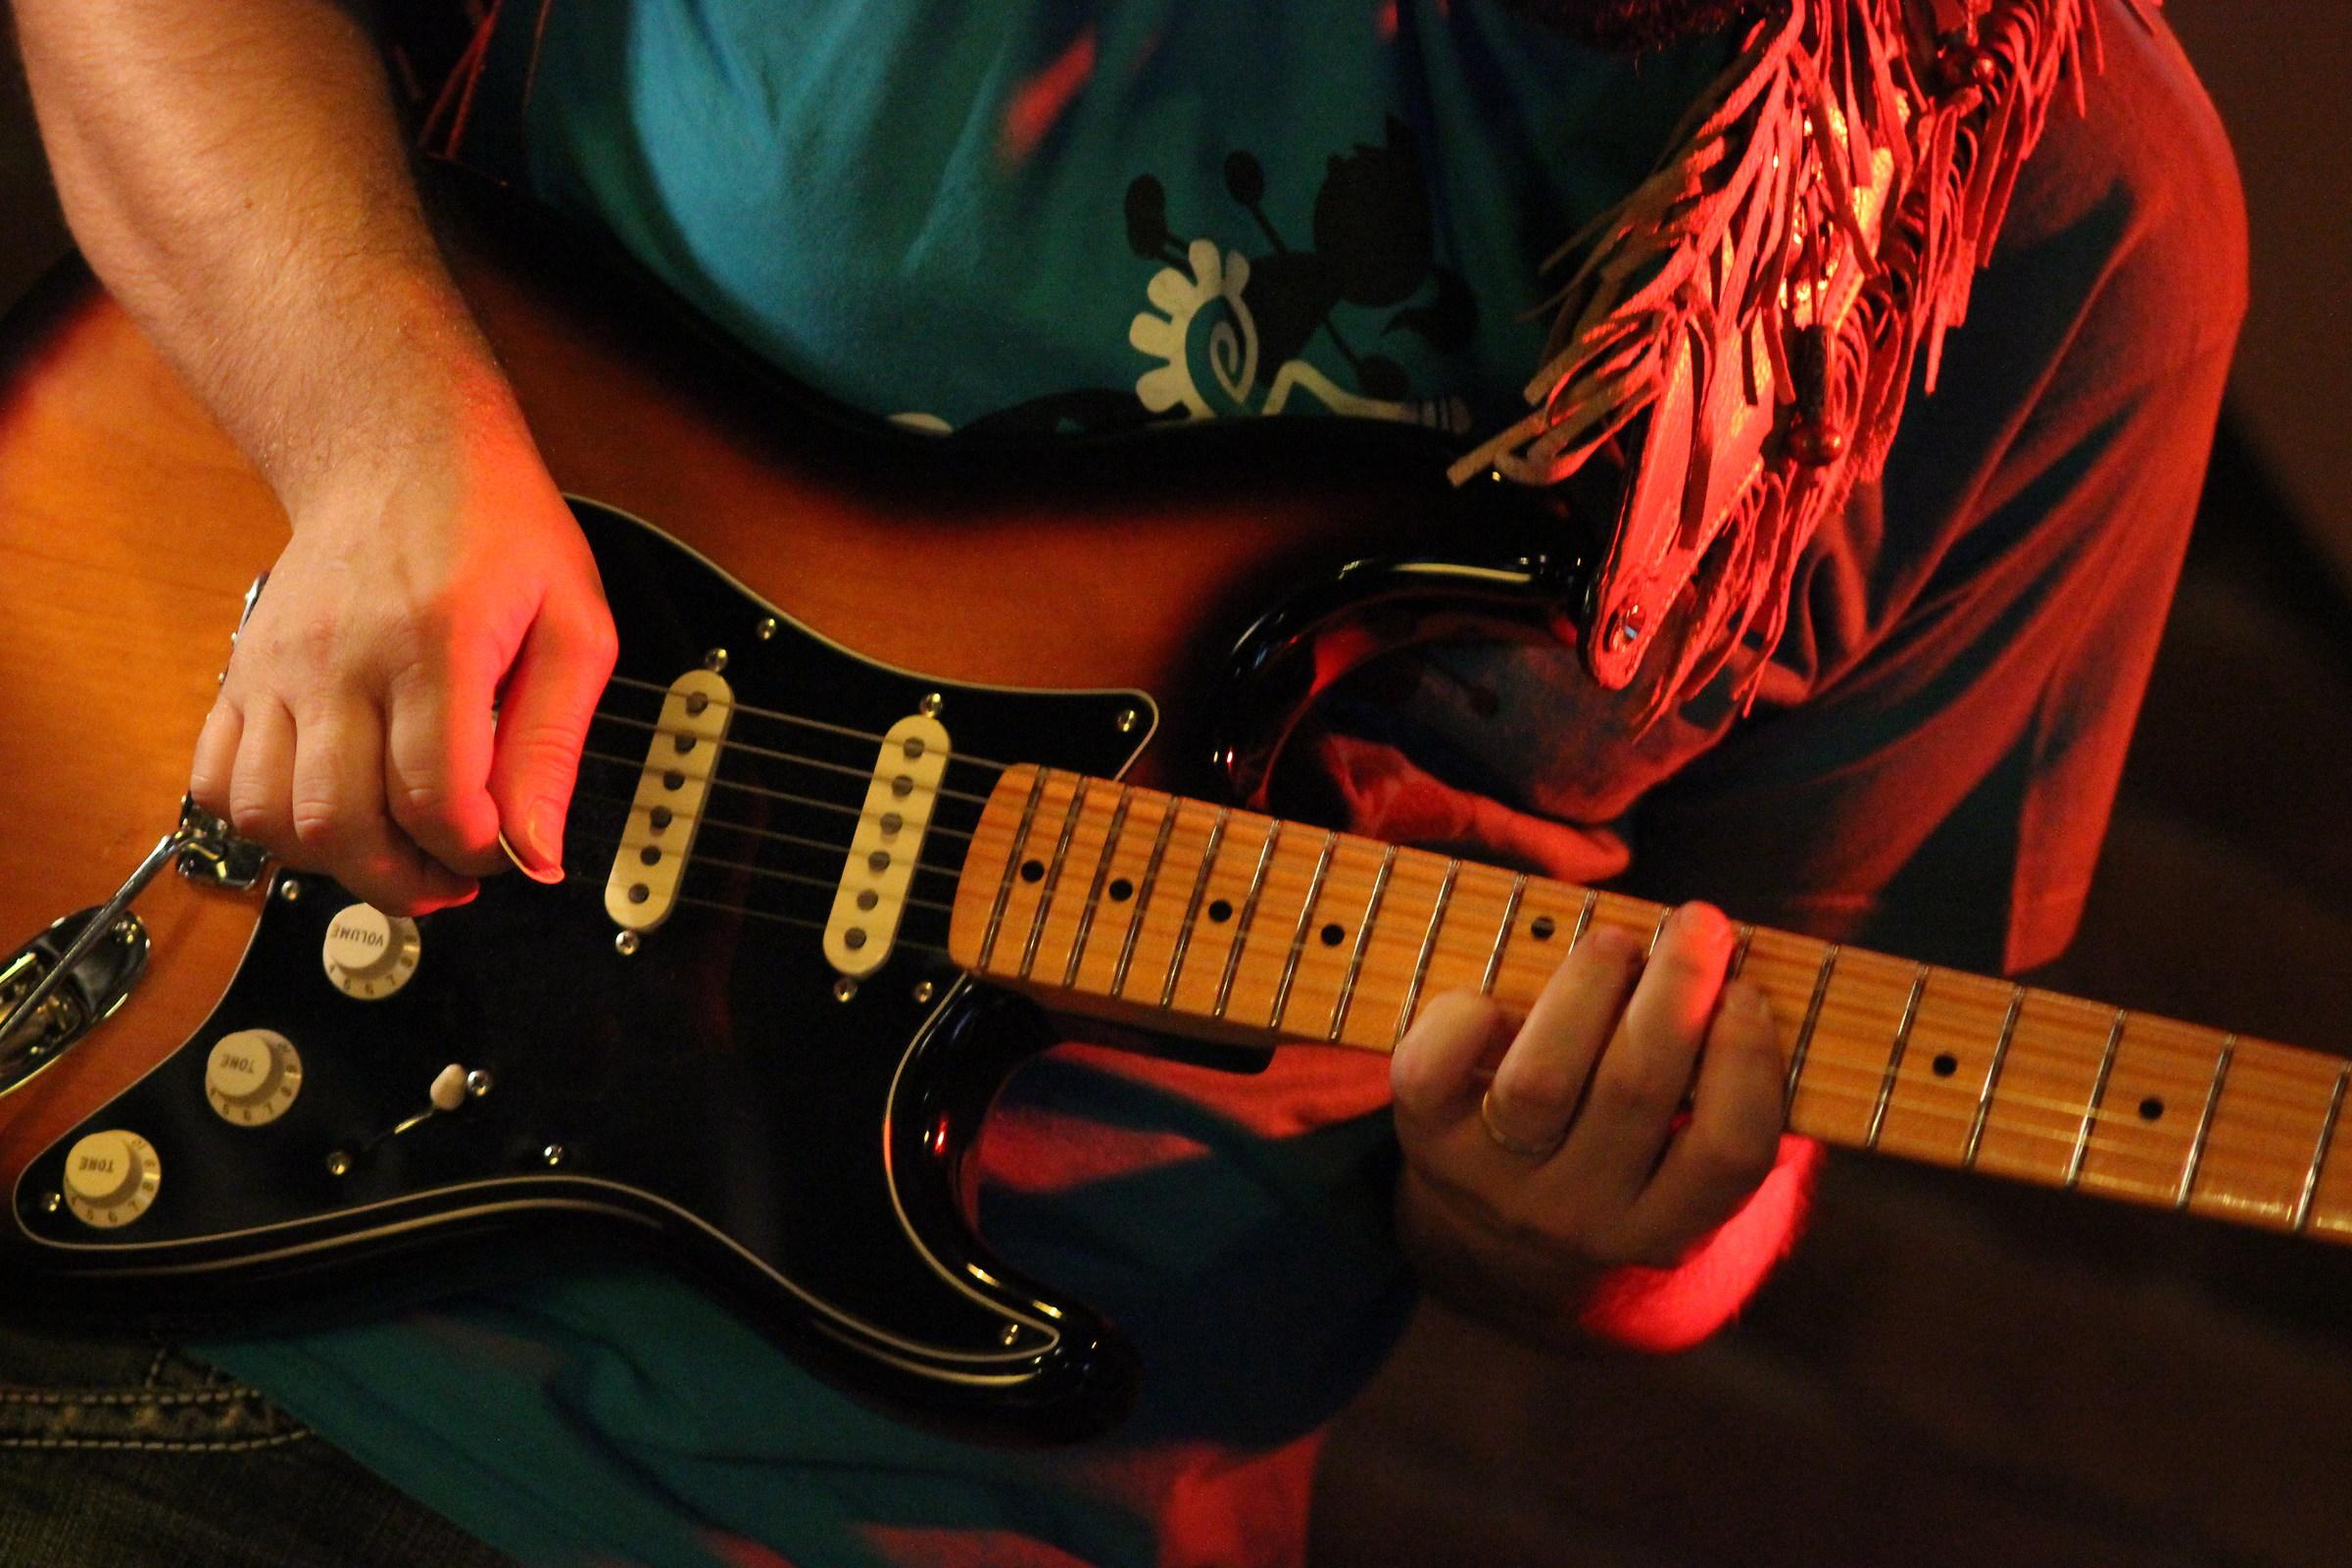 paul's guitar...